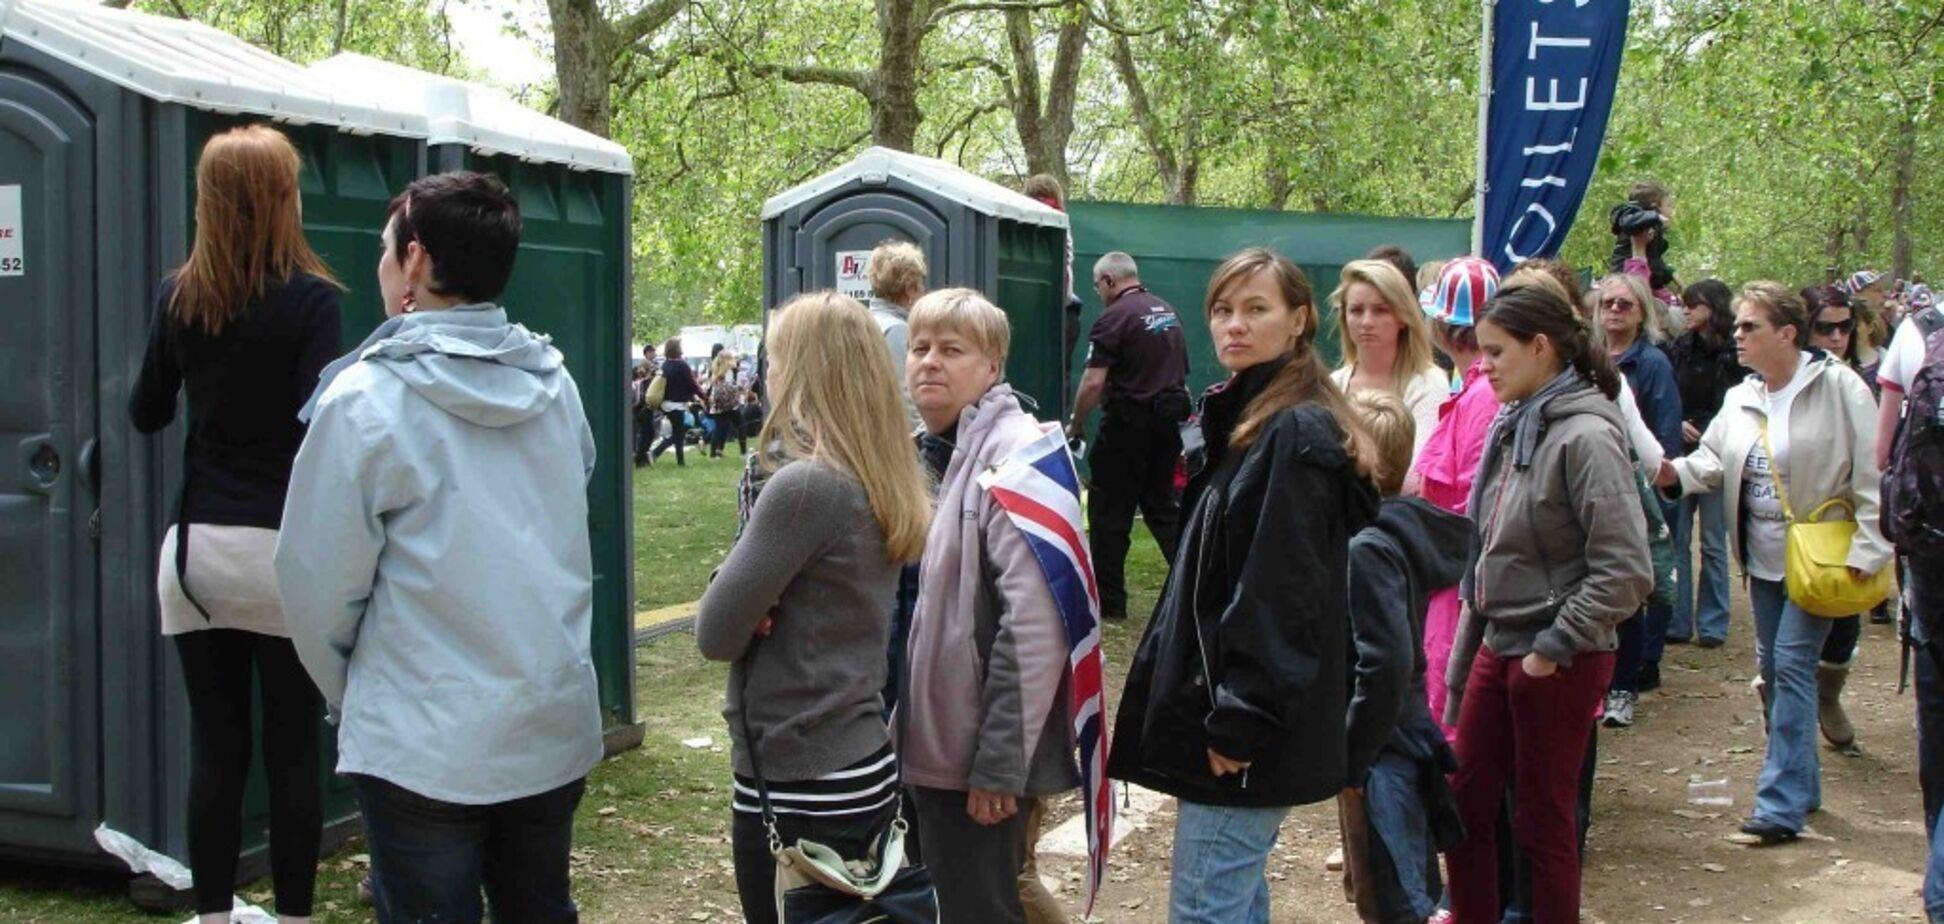 Черг не буде: в Україні задумали ''туалетну'' революцію